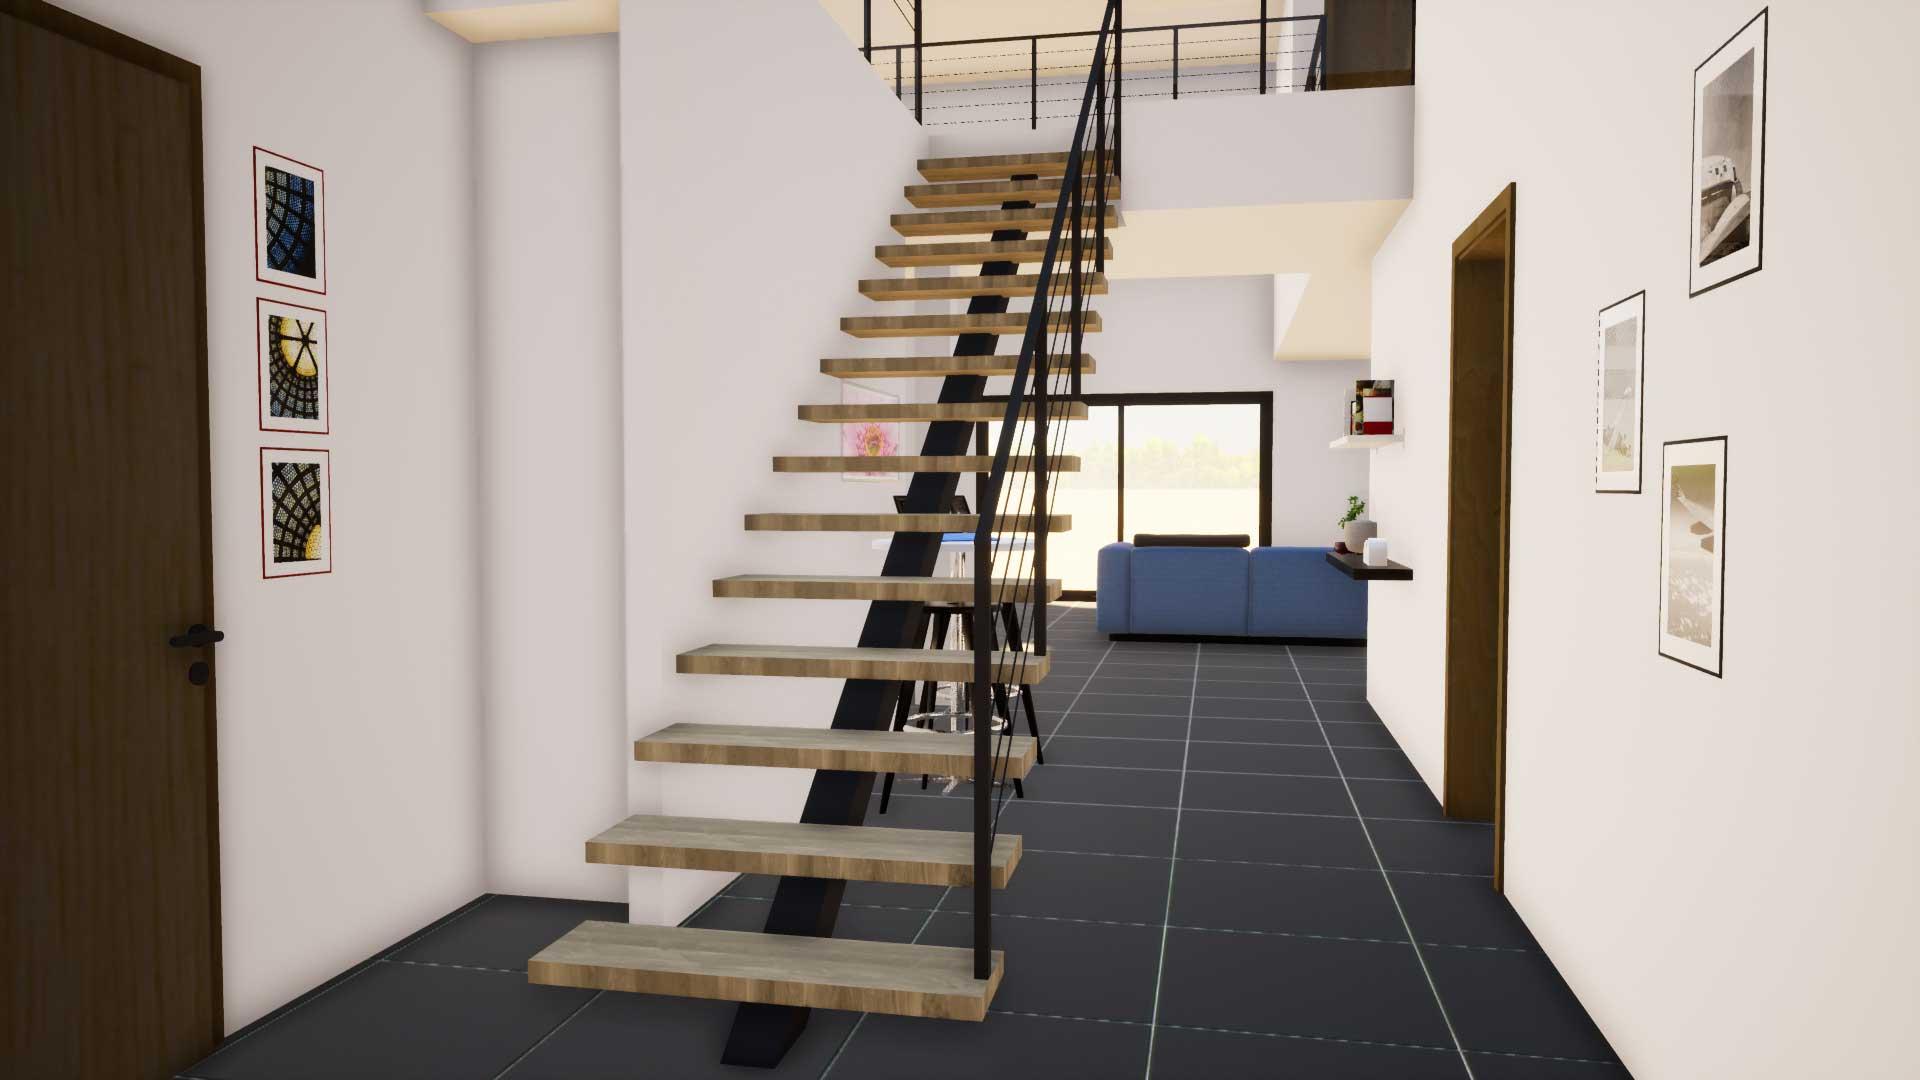 Escalier métal bois Languedoc Roussillon